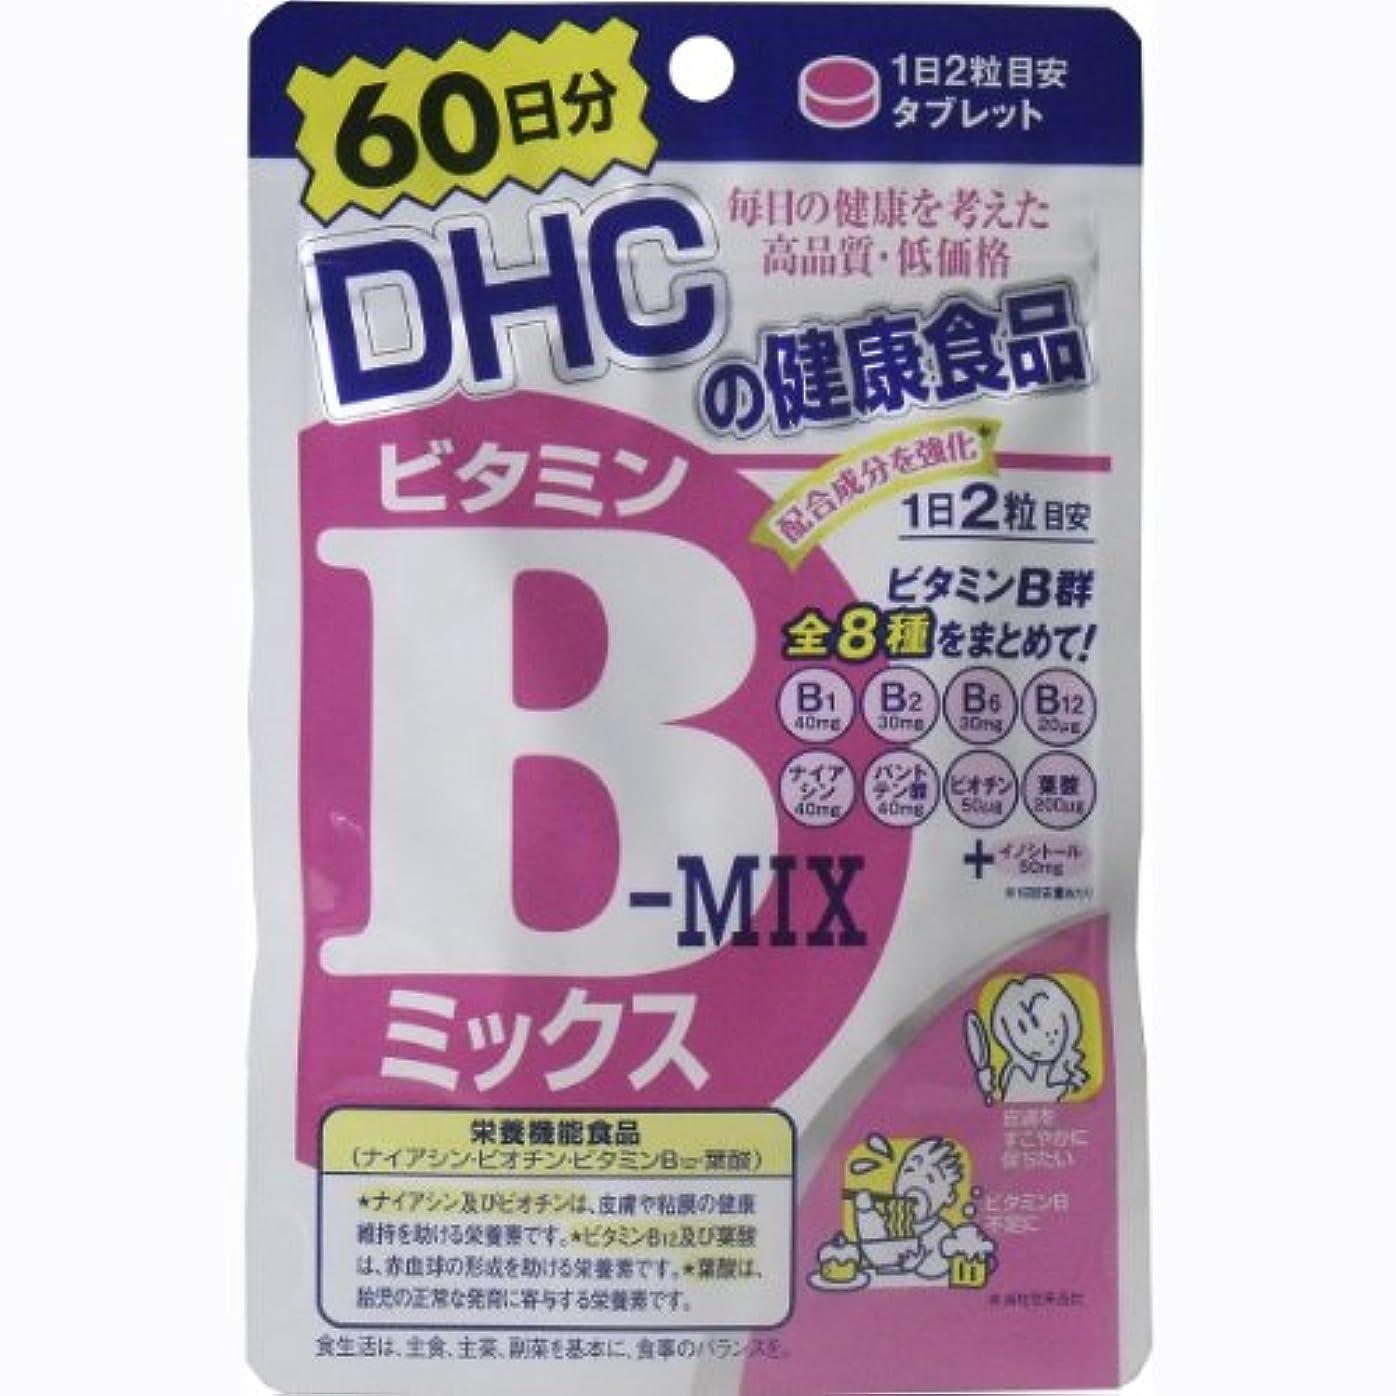 説明ポジション監督するDHC ビタミンBミックス 120粒 60日分 ×8個セット